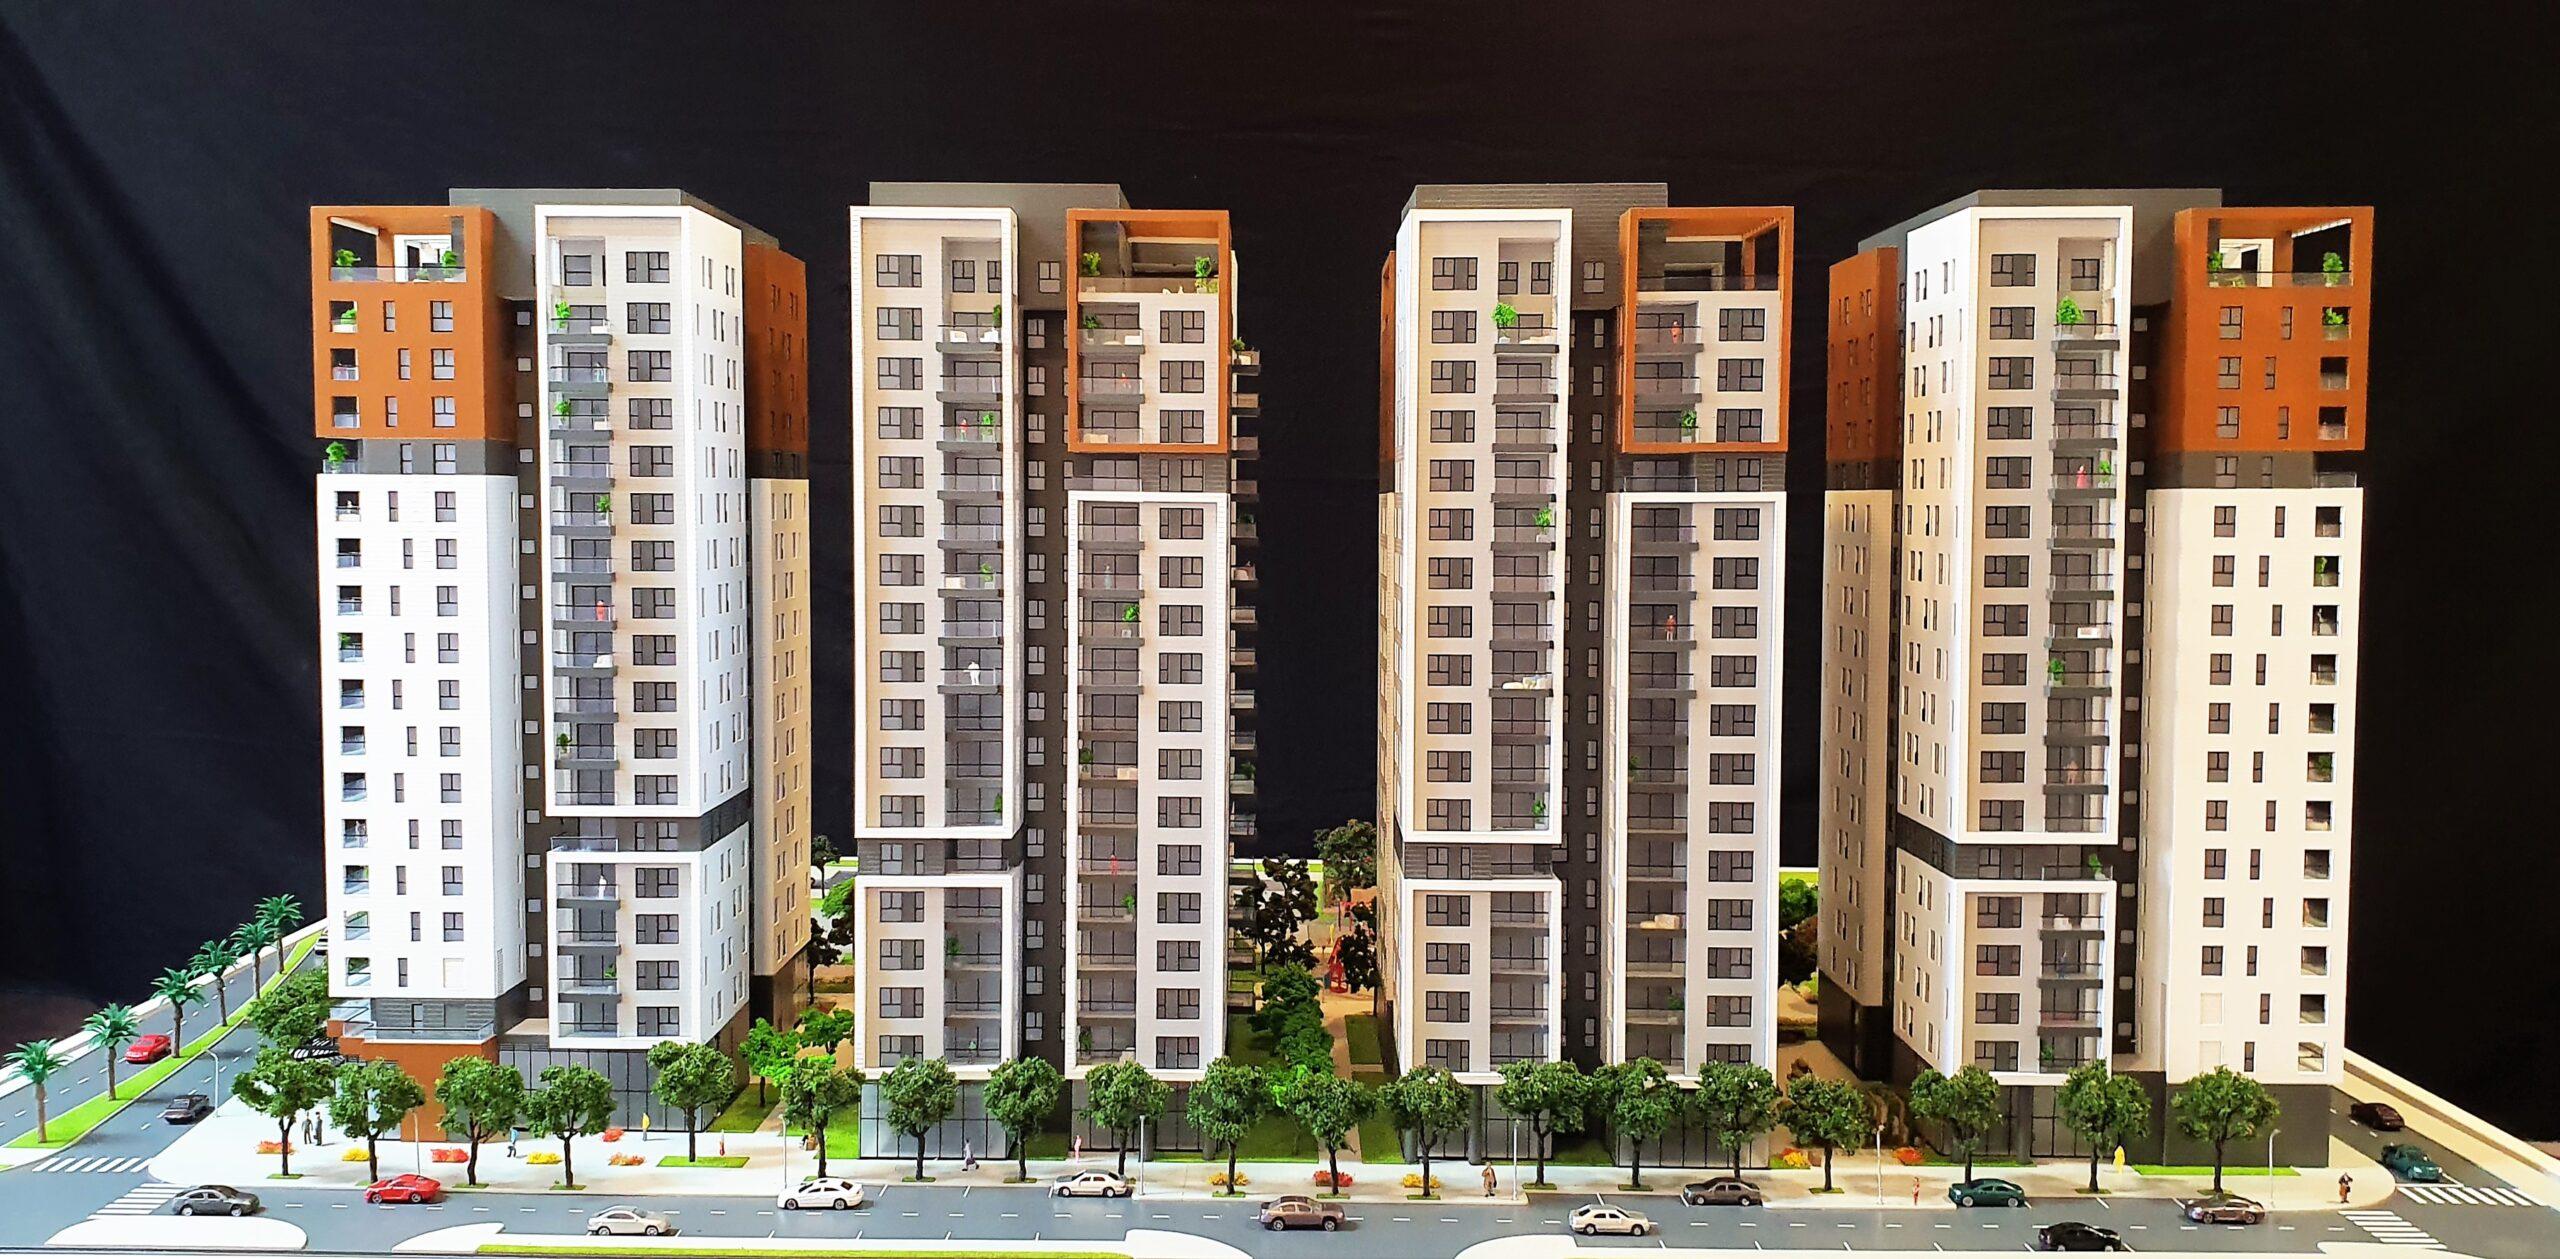 מודל של שכונת מגורים